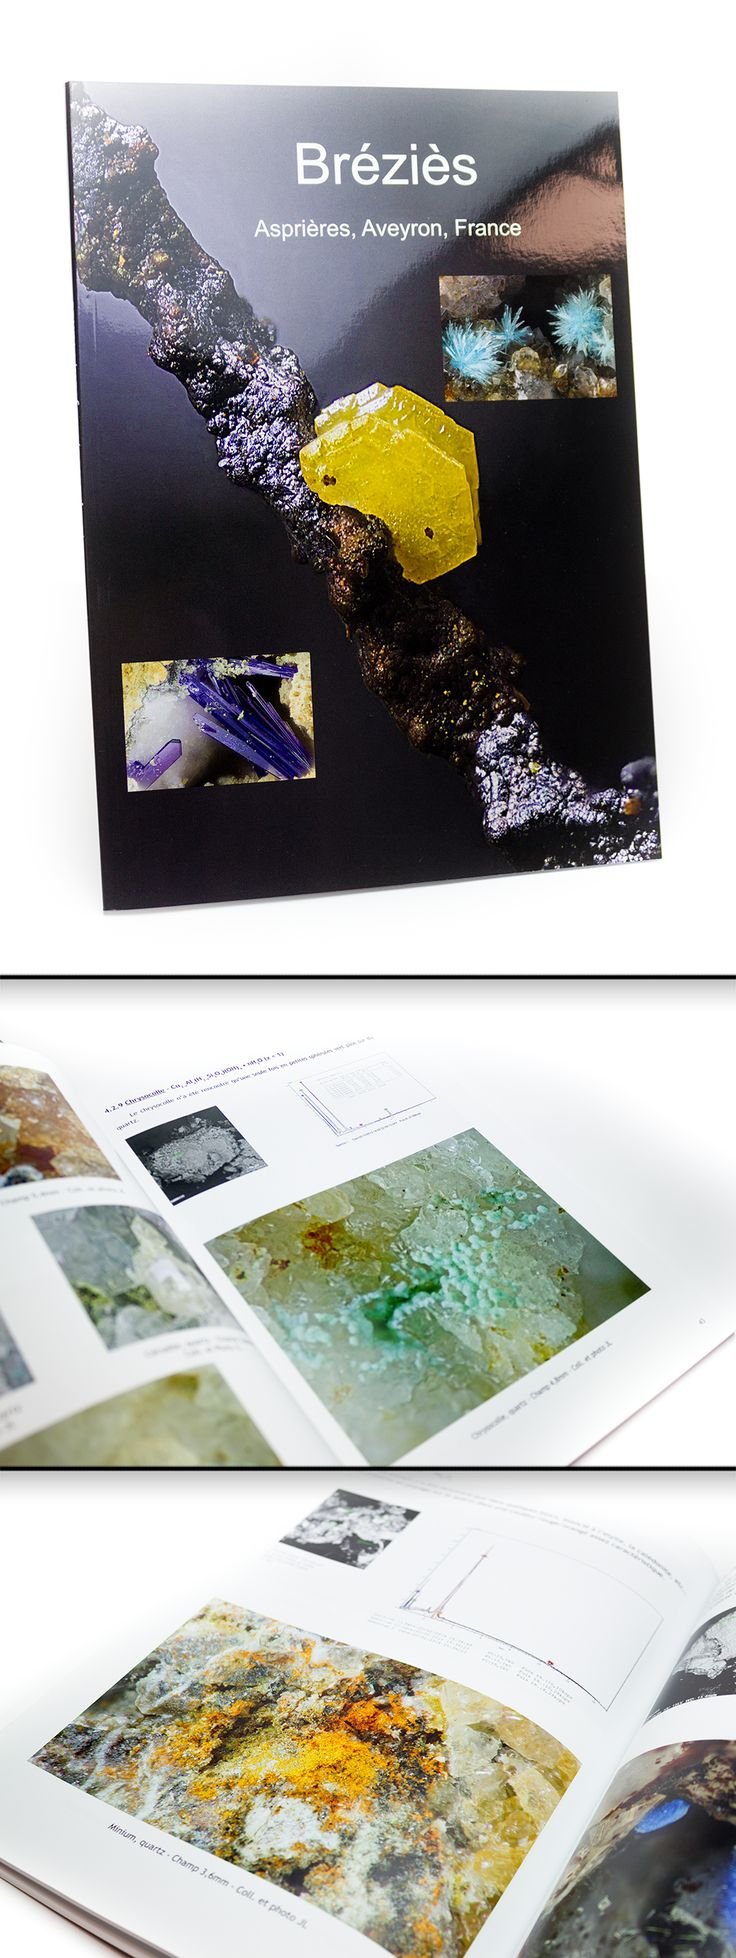 Livre en A4 / Couverture quadri sur Couché Satiné 300gr + pelliculage Brillant / Intérieur quadri sur Couché Satiné 150gr #cover #quadrichromie